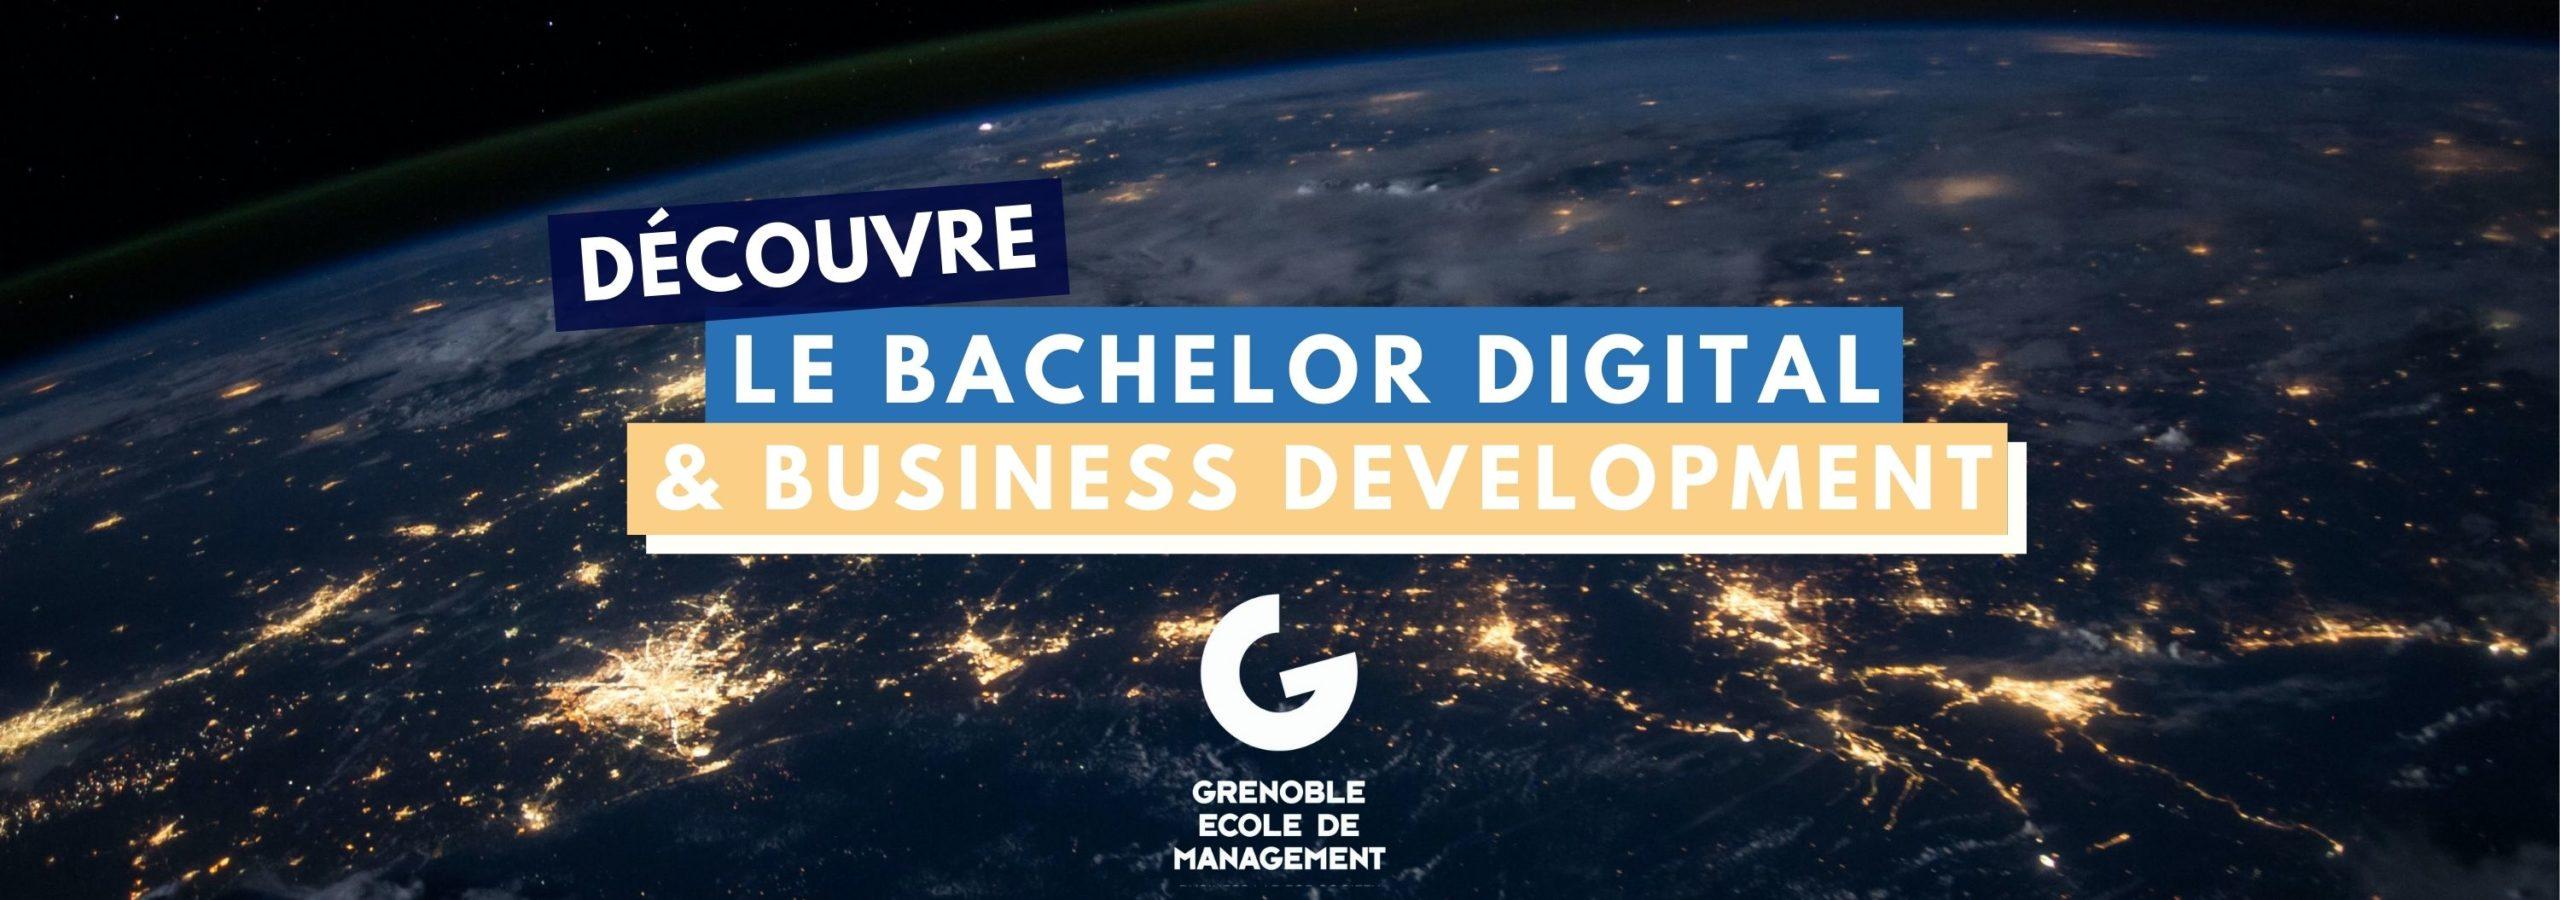 Bachelor Digital & Business Development